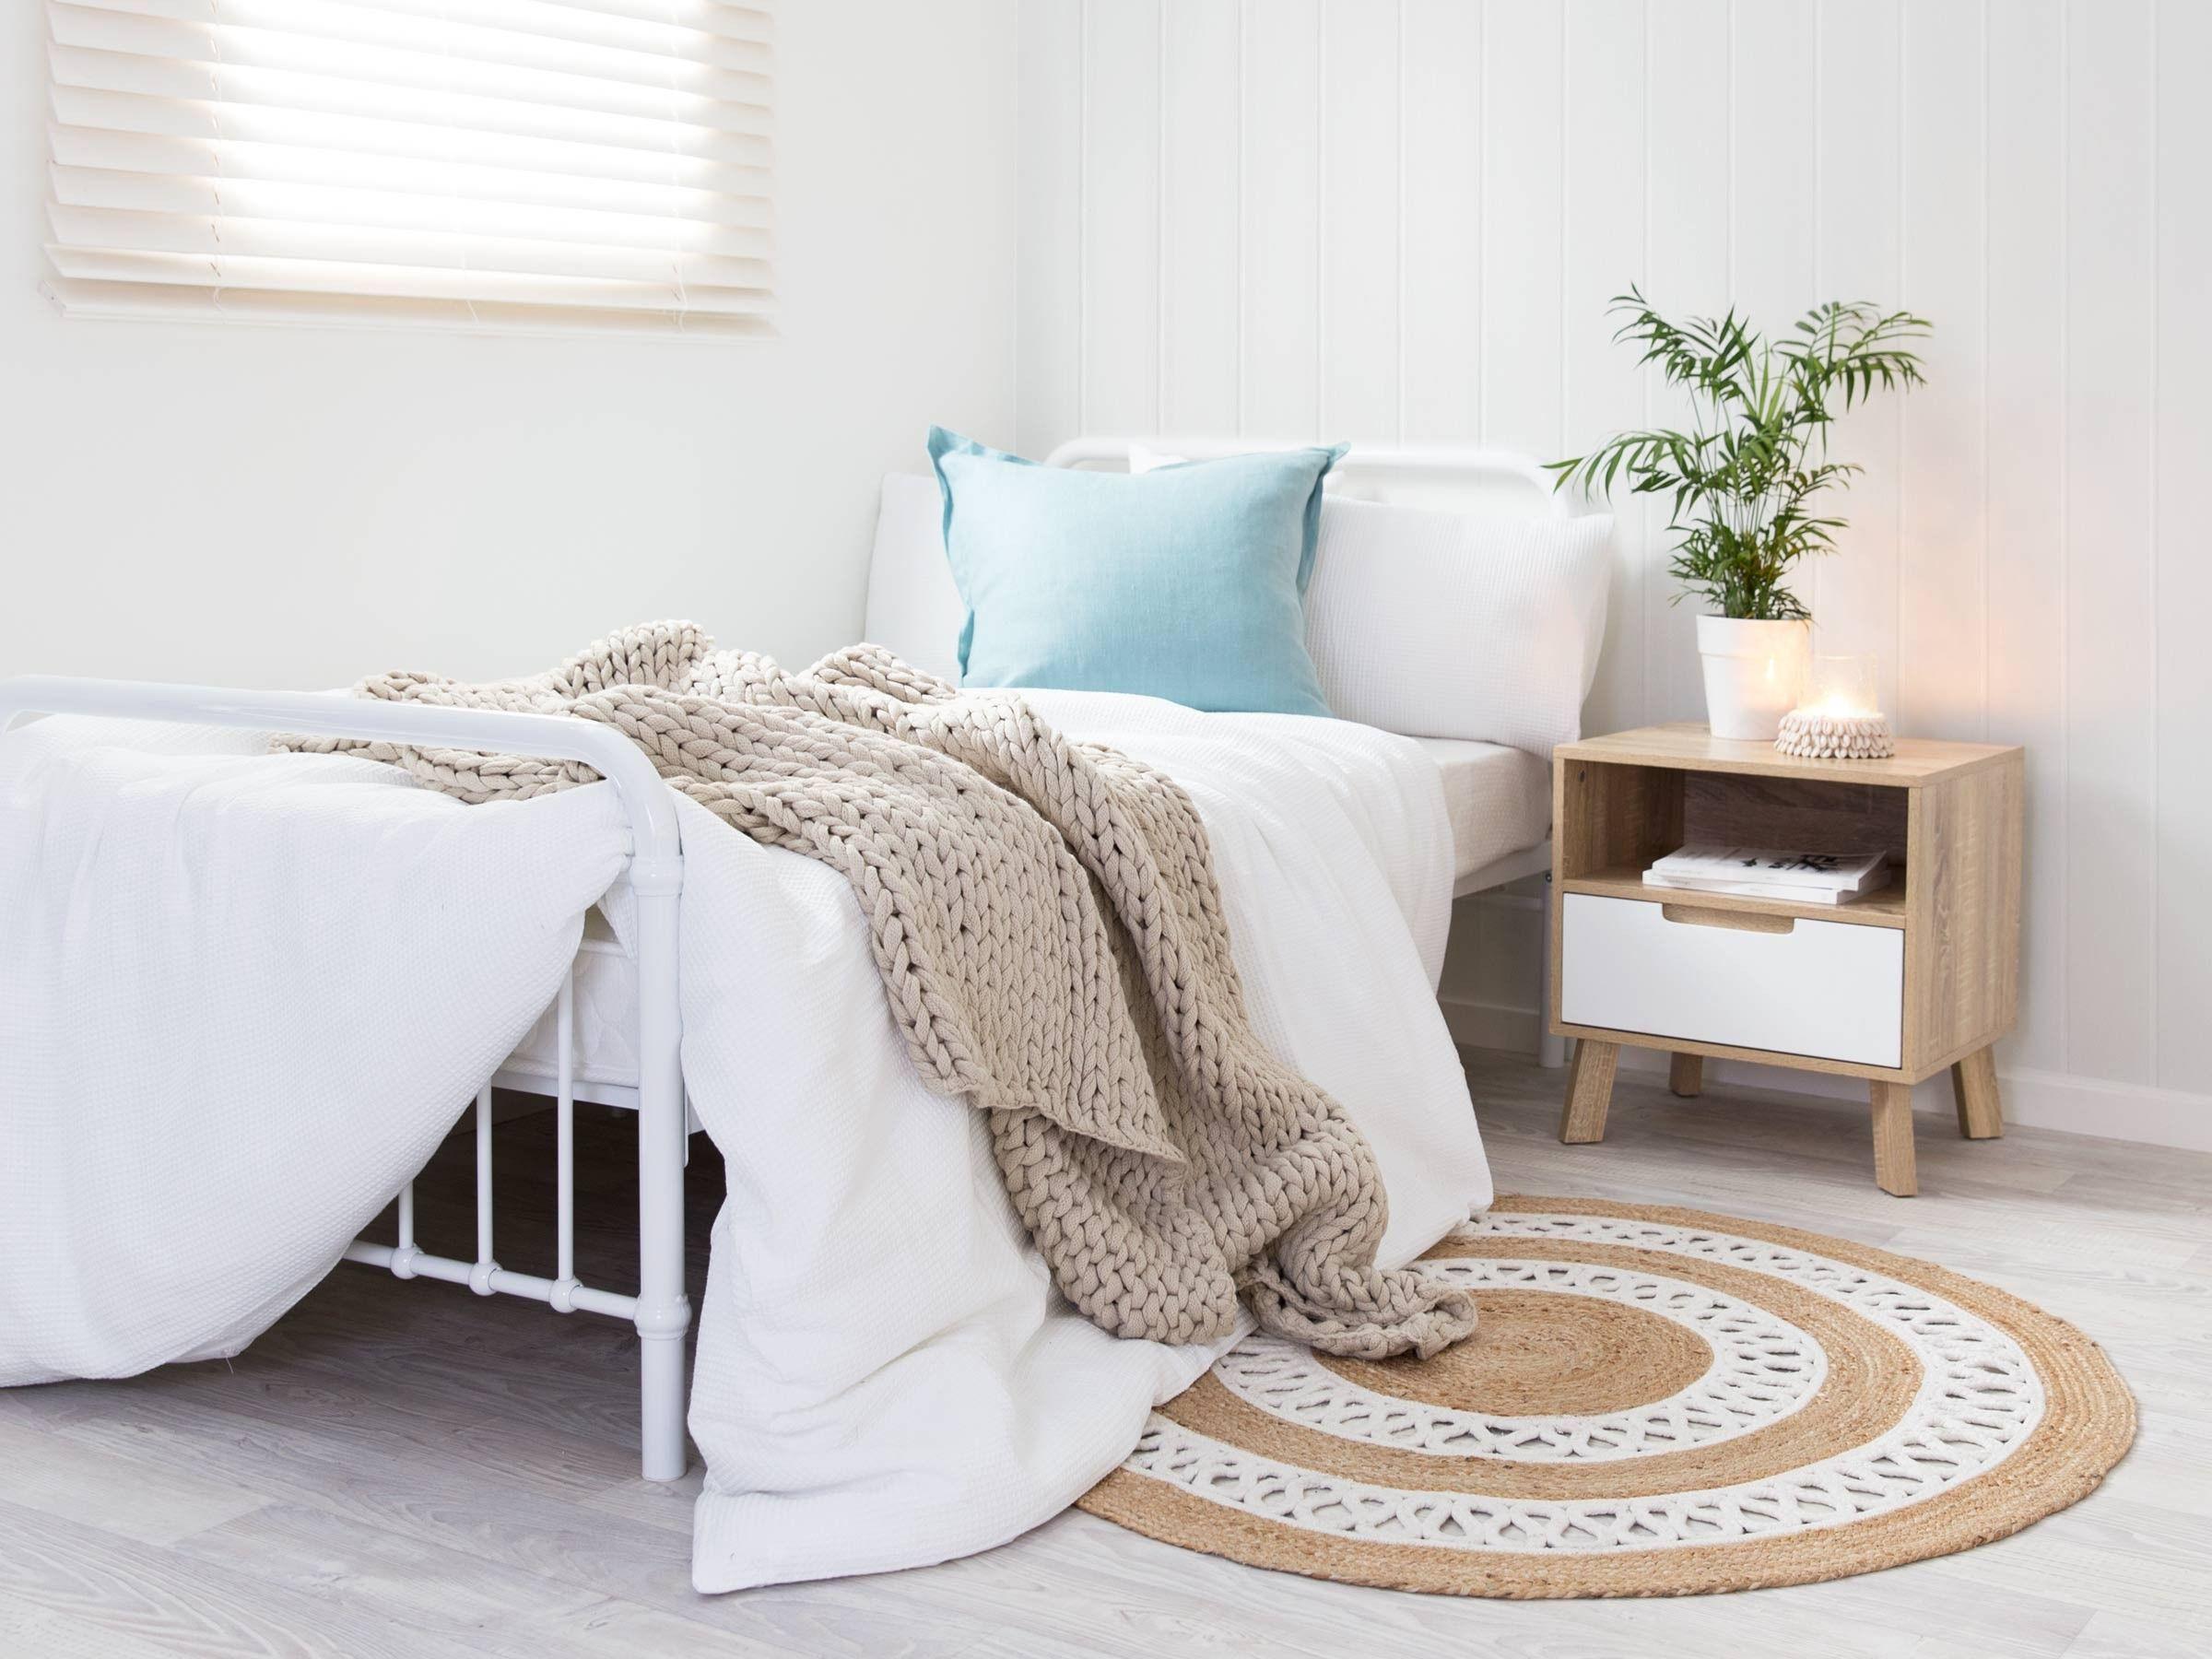 Mocka Chelsea Bedside Table | Bedroom Furniture | Shop Now ...